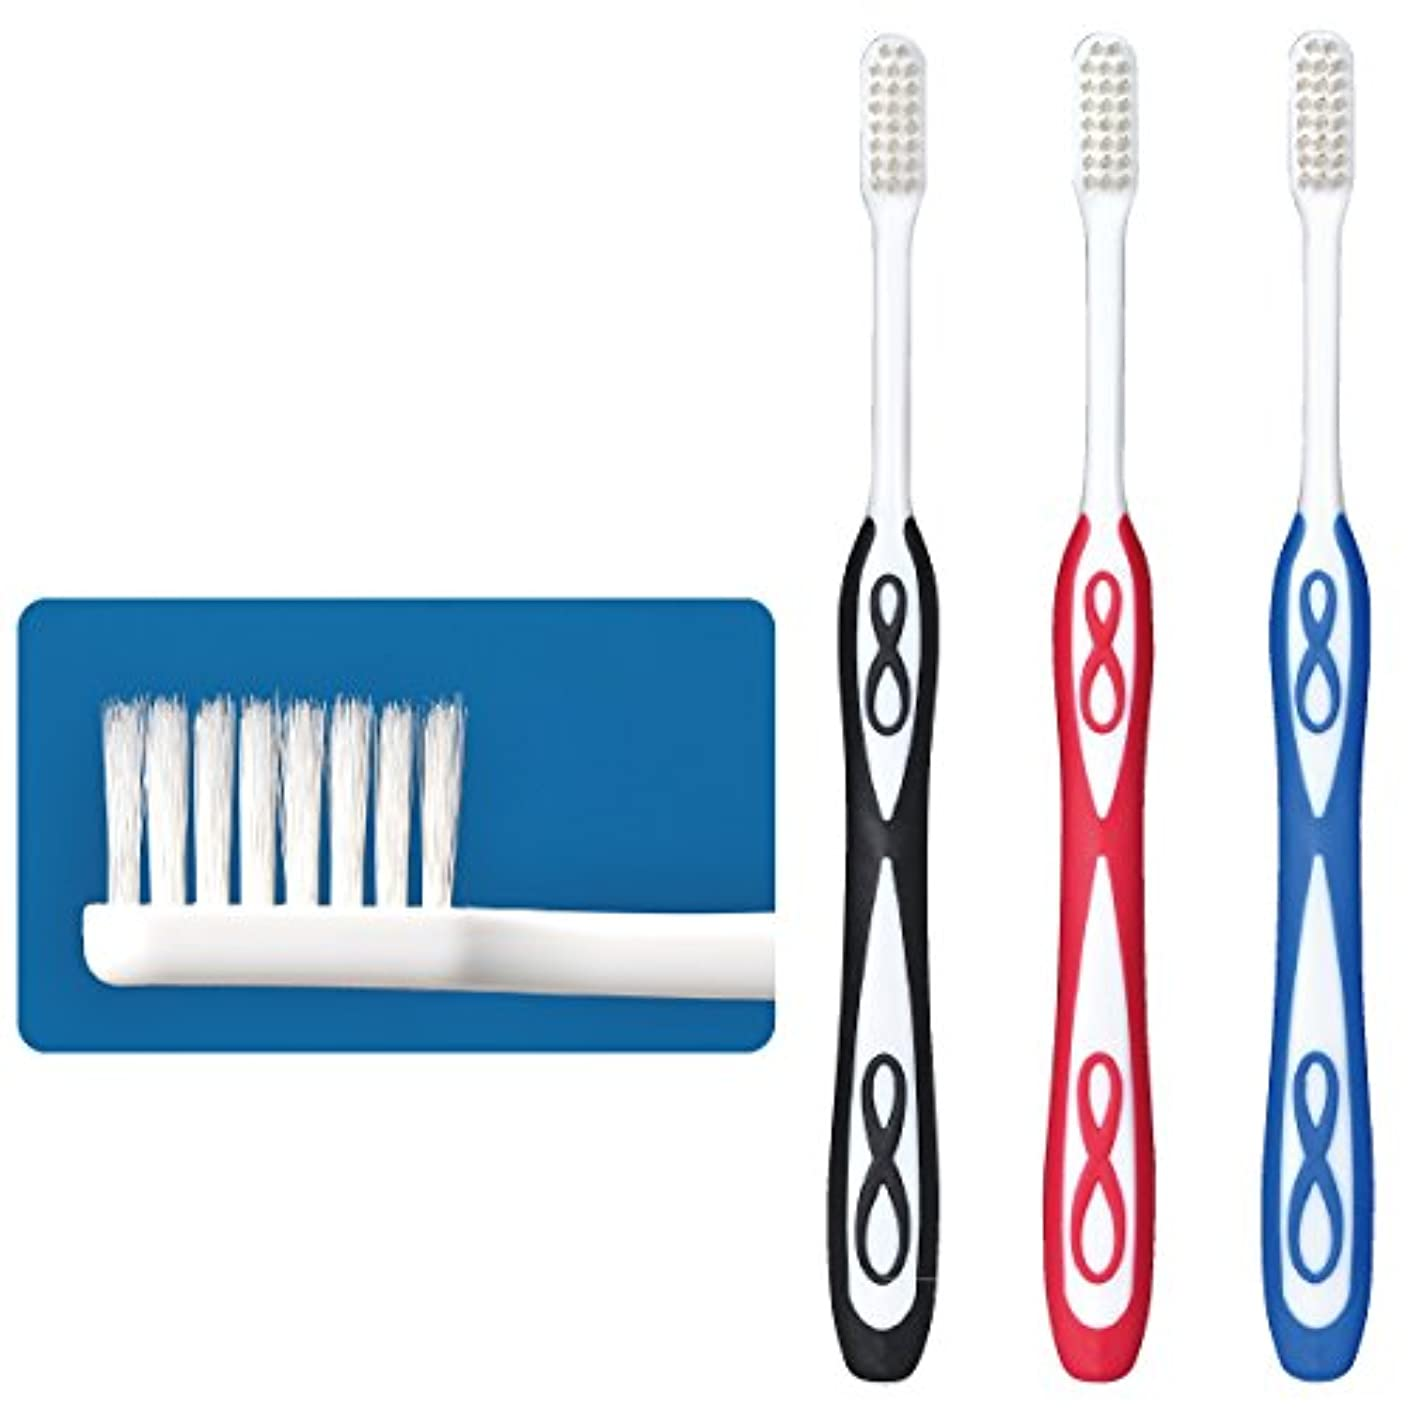 円形のアルネフライトLover8(ラバーエイト)歯ブラシ レギュラータイプ オールテーパー毛 Mふつう 30本入